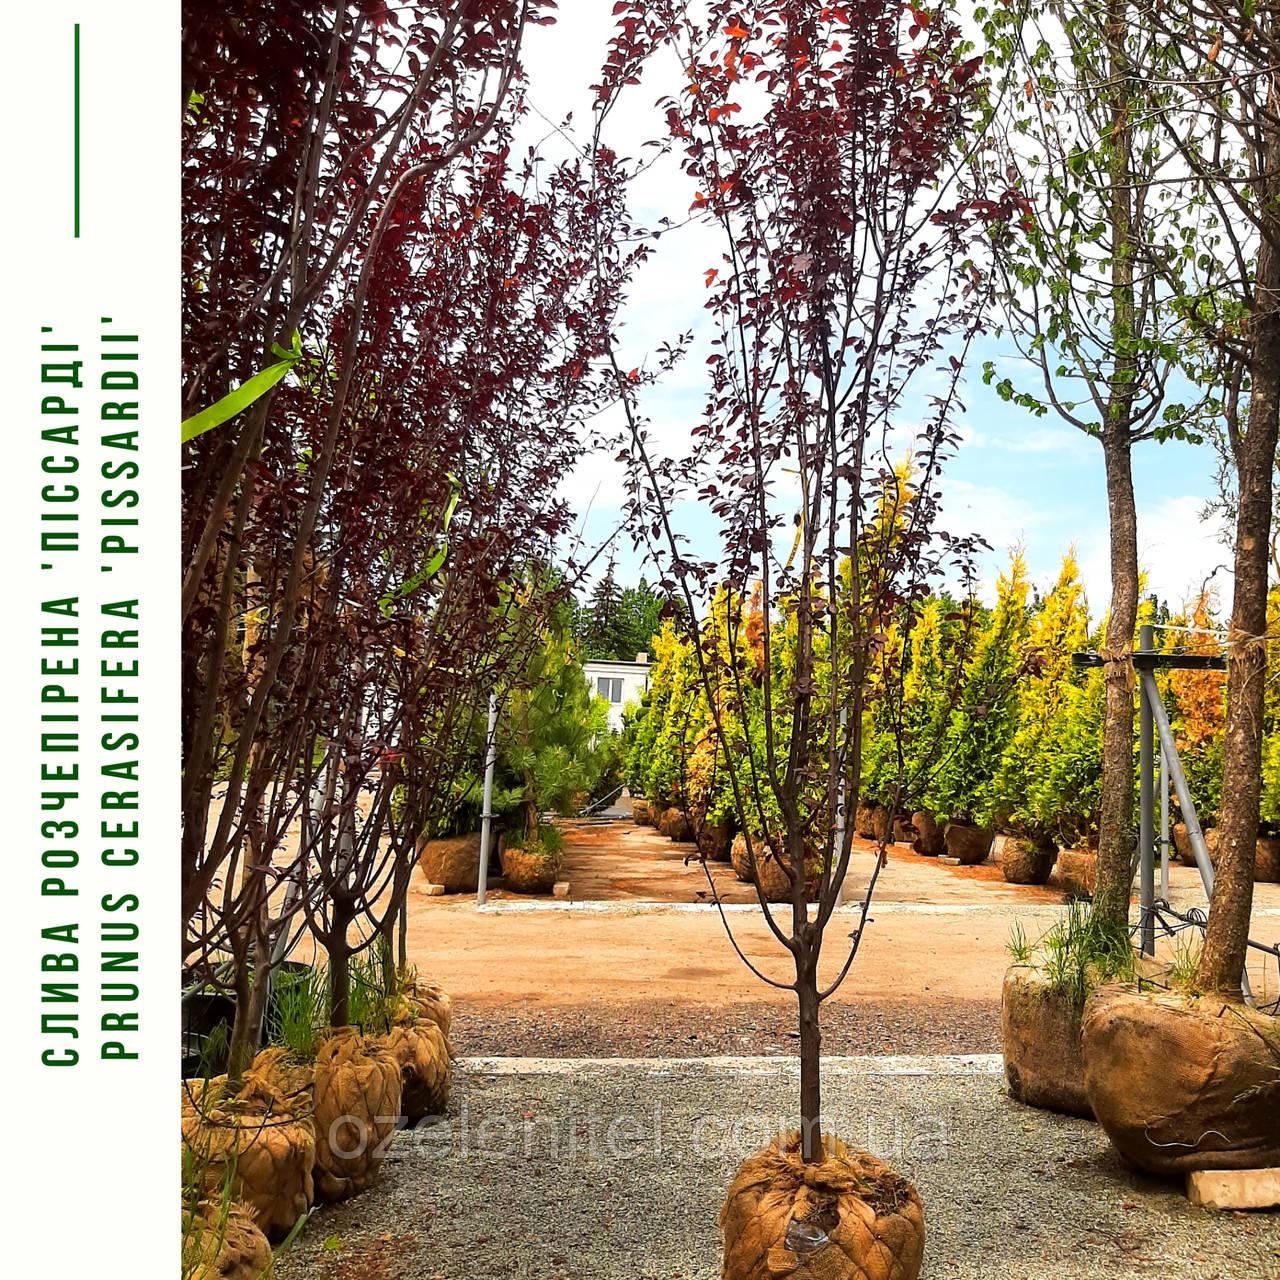 Слива растопыренная 'Писсарди'/ Prunus cerasifera 'Pissardi' / Слива розчепiрена 'Пiссарді'